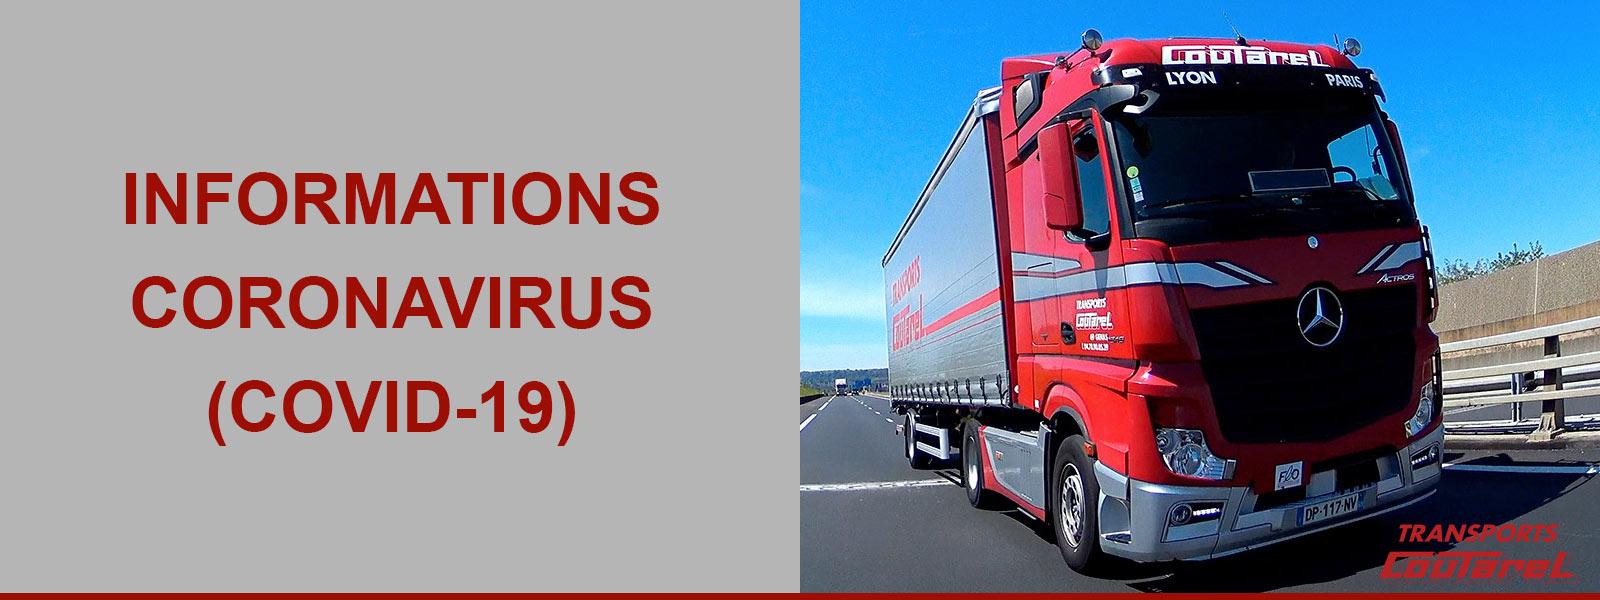 Covid-19: notre activité de transport routier est maintenu